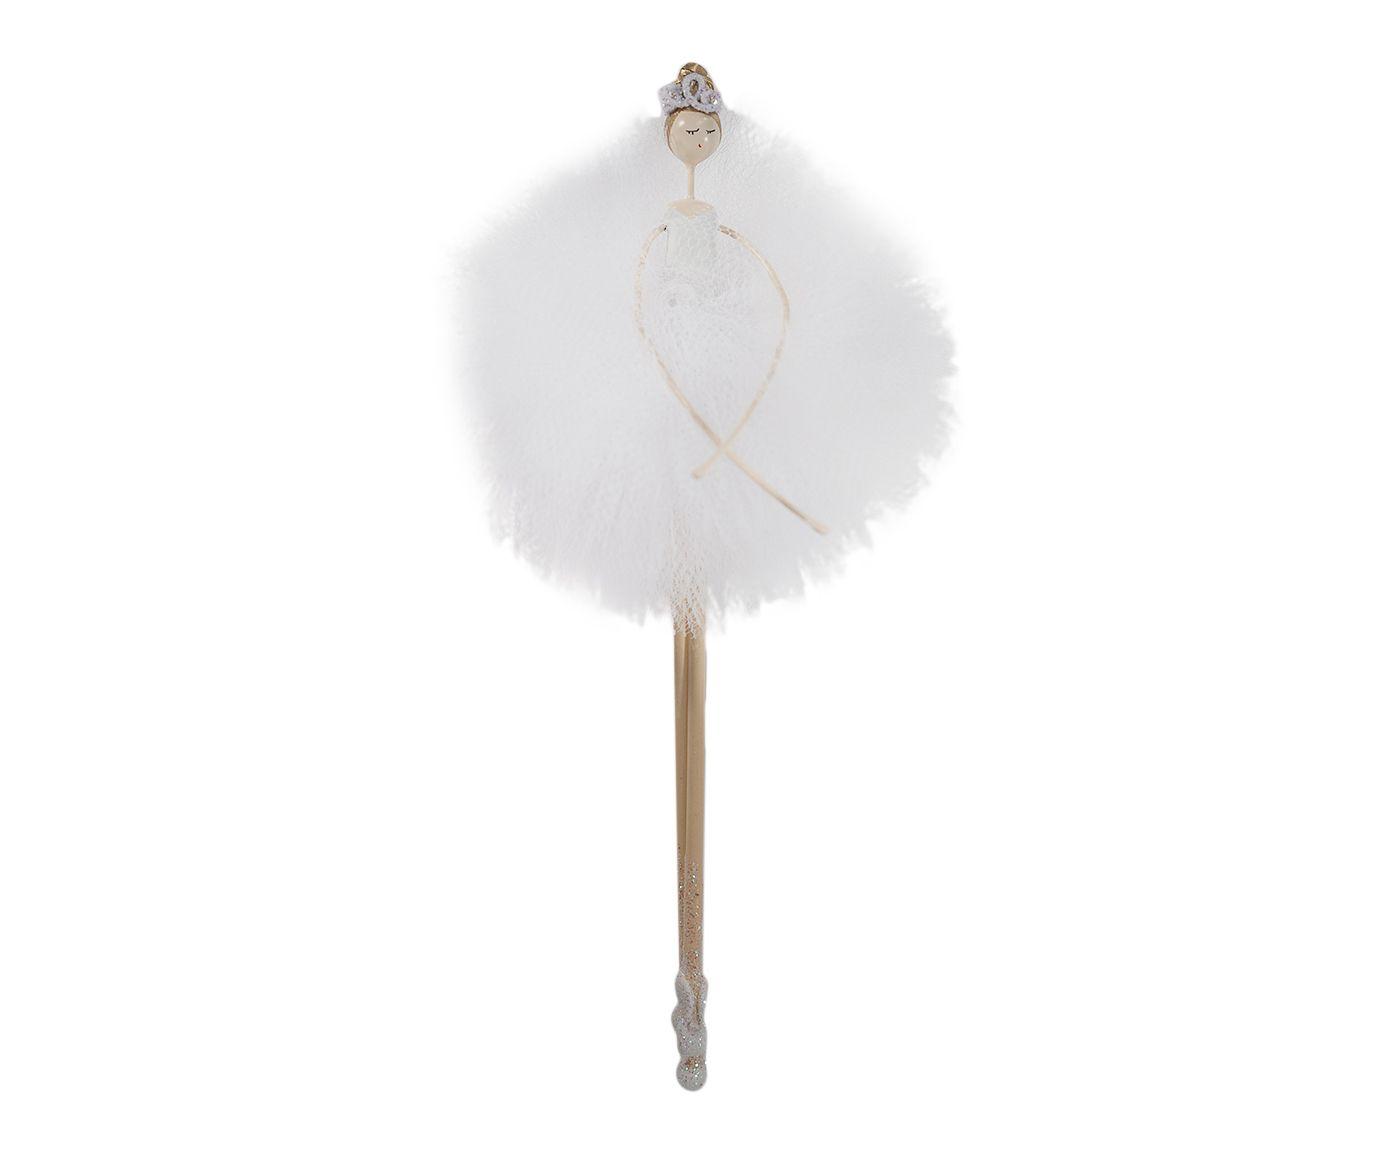 Adorno Bailarina Em Pé Branco - 19cm | Westwing.com.br